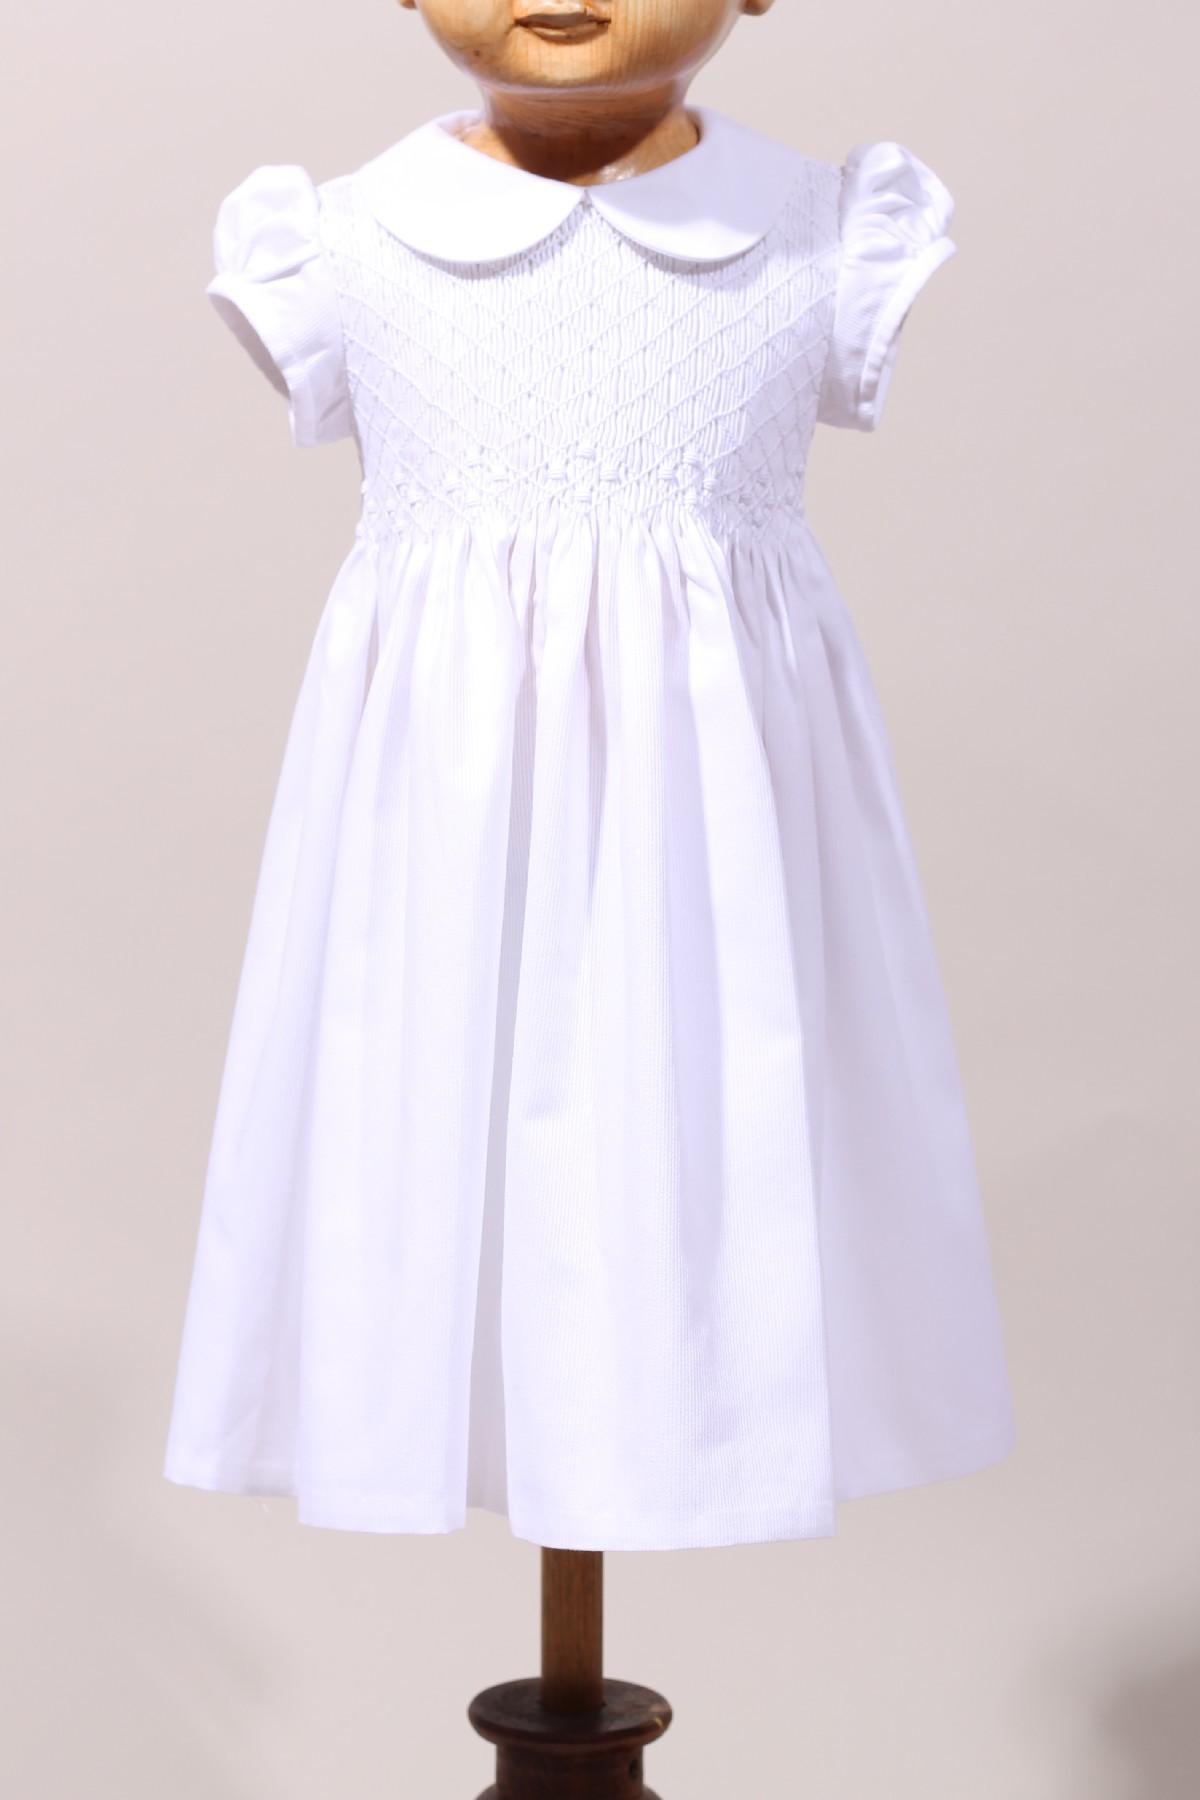 4765910c841c5 Robe blanche de bébé à smocks pour une cérémonie de baptême